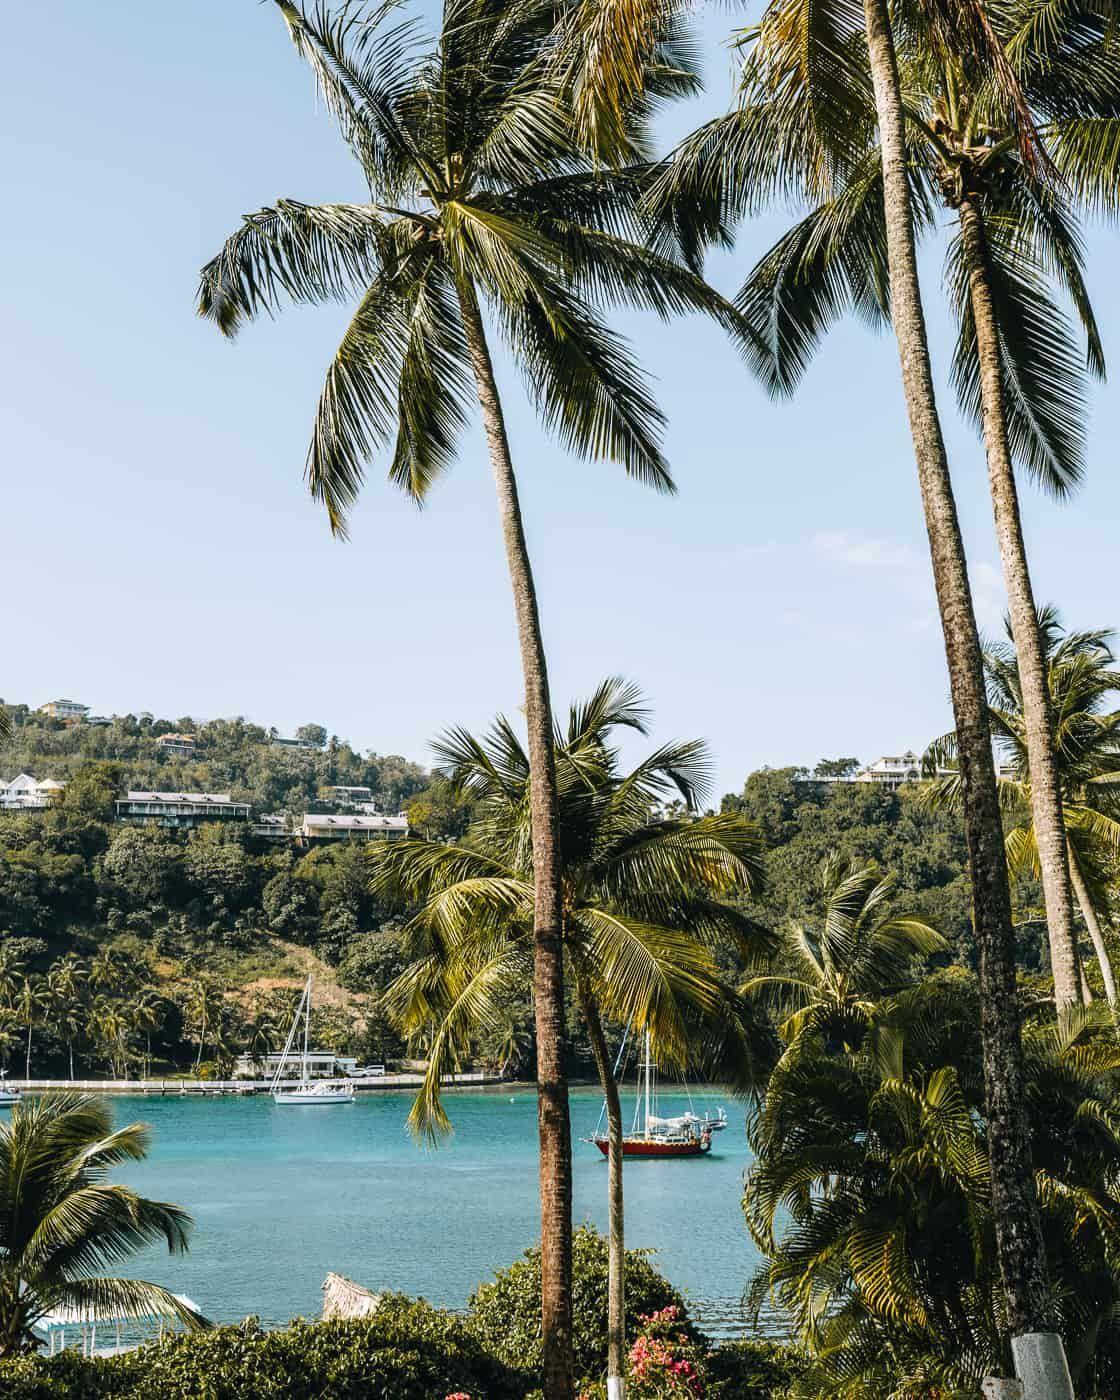 Saint Lucia Urlaub Die Besten Tipps Strande Und Sehenswurdigkeiten Karibik Reisen Karibik Urlaub Karibik